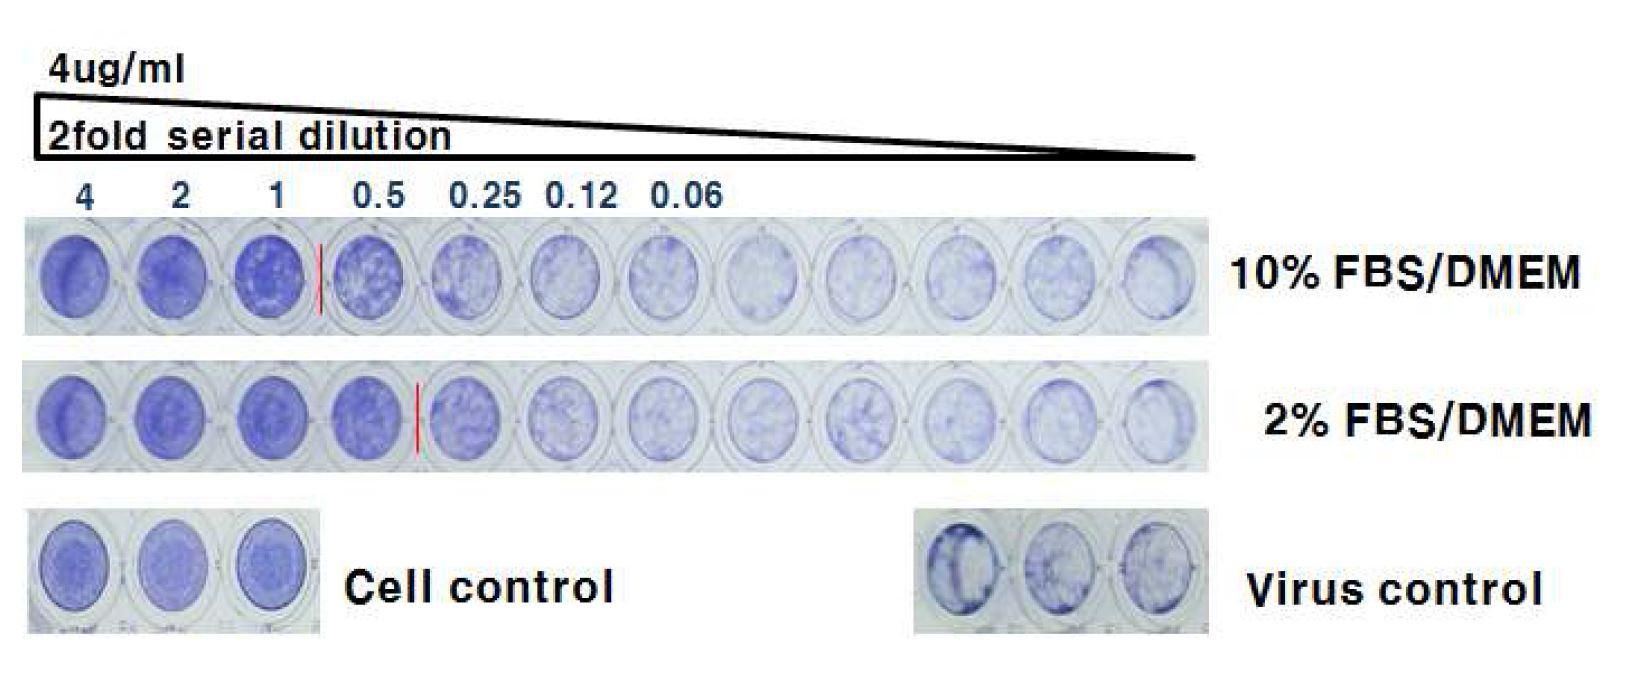 그림 61. FBS 함량에 따른 HzVSF 활성 비교